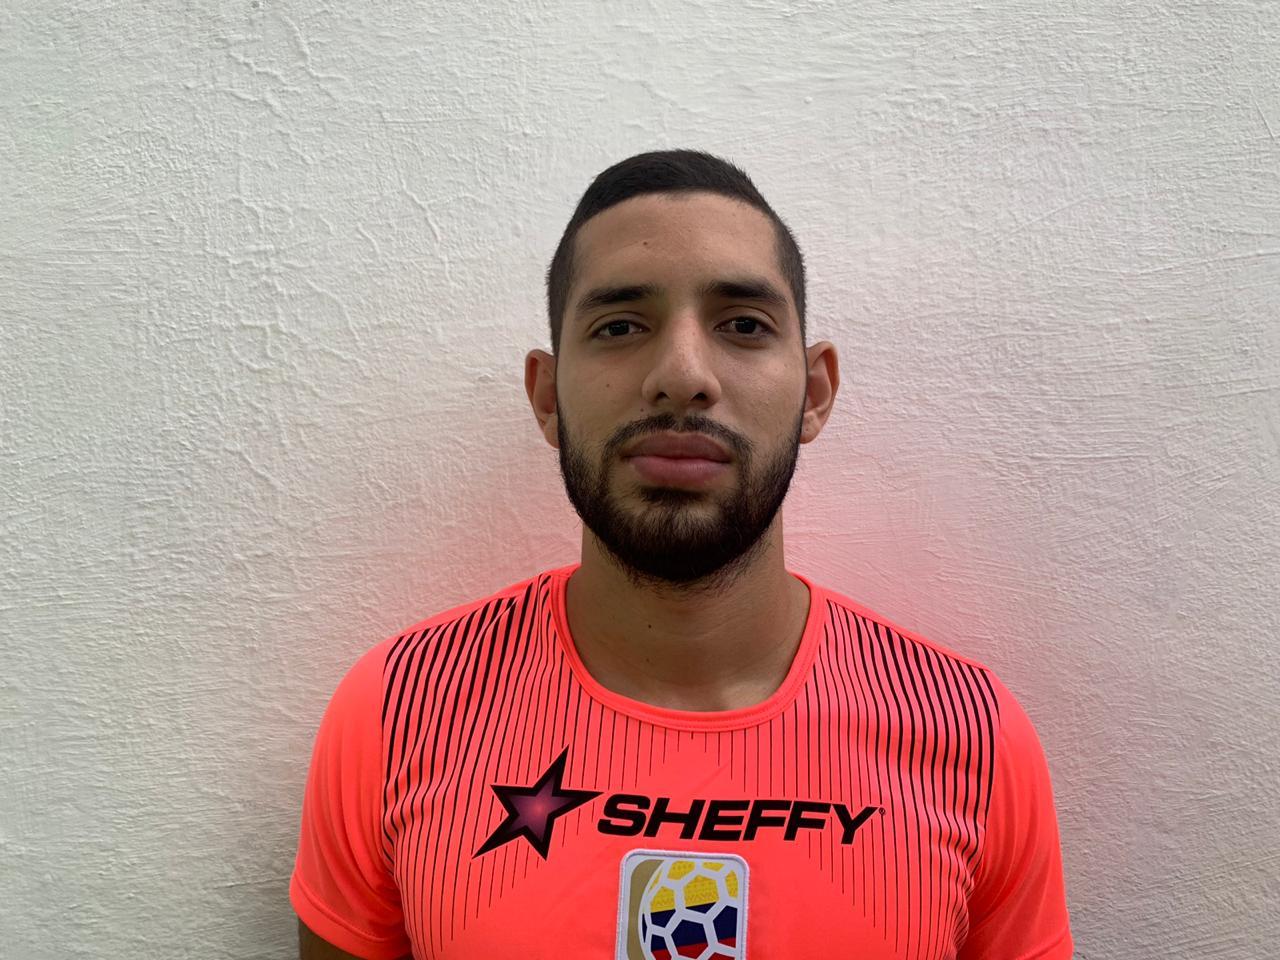 Omar Andres Arrieta De La Hoz